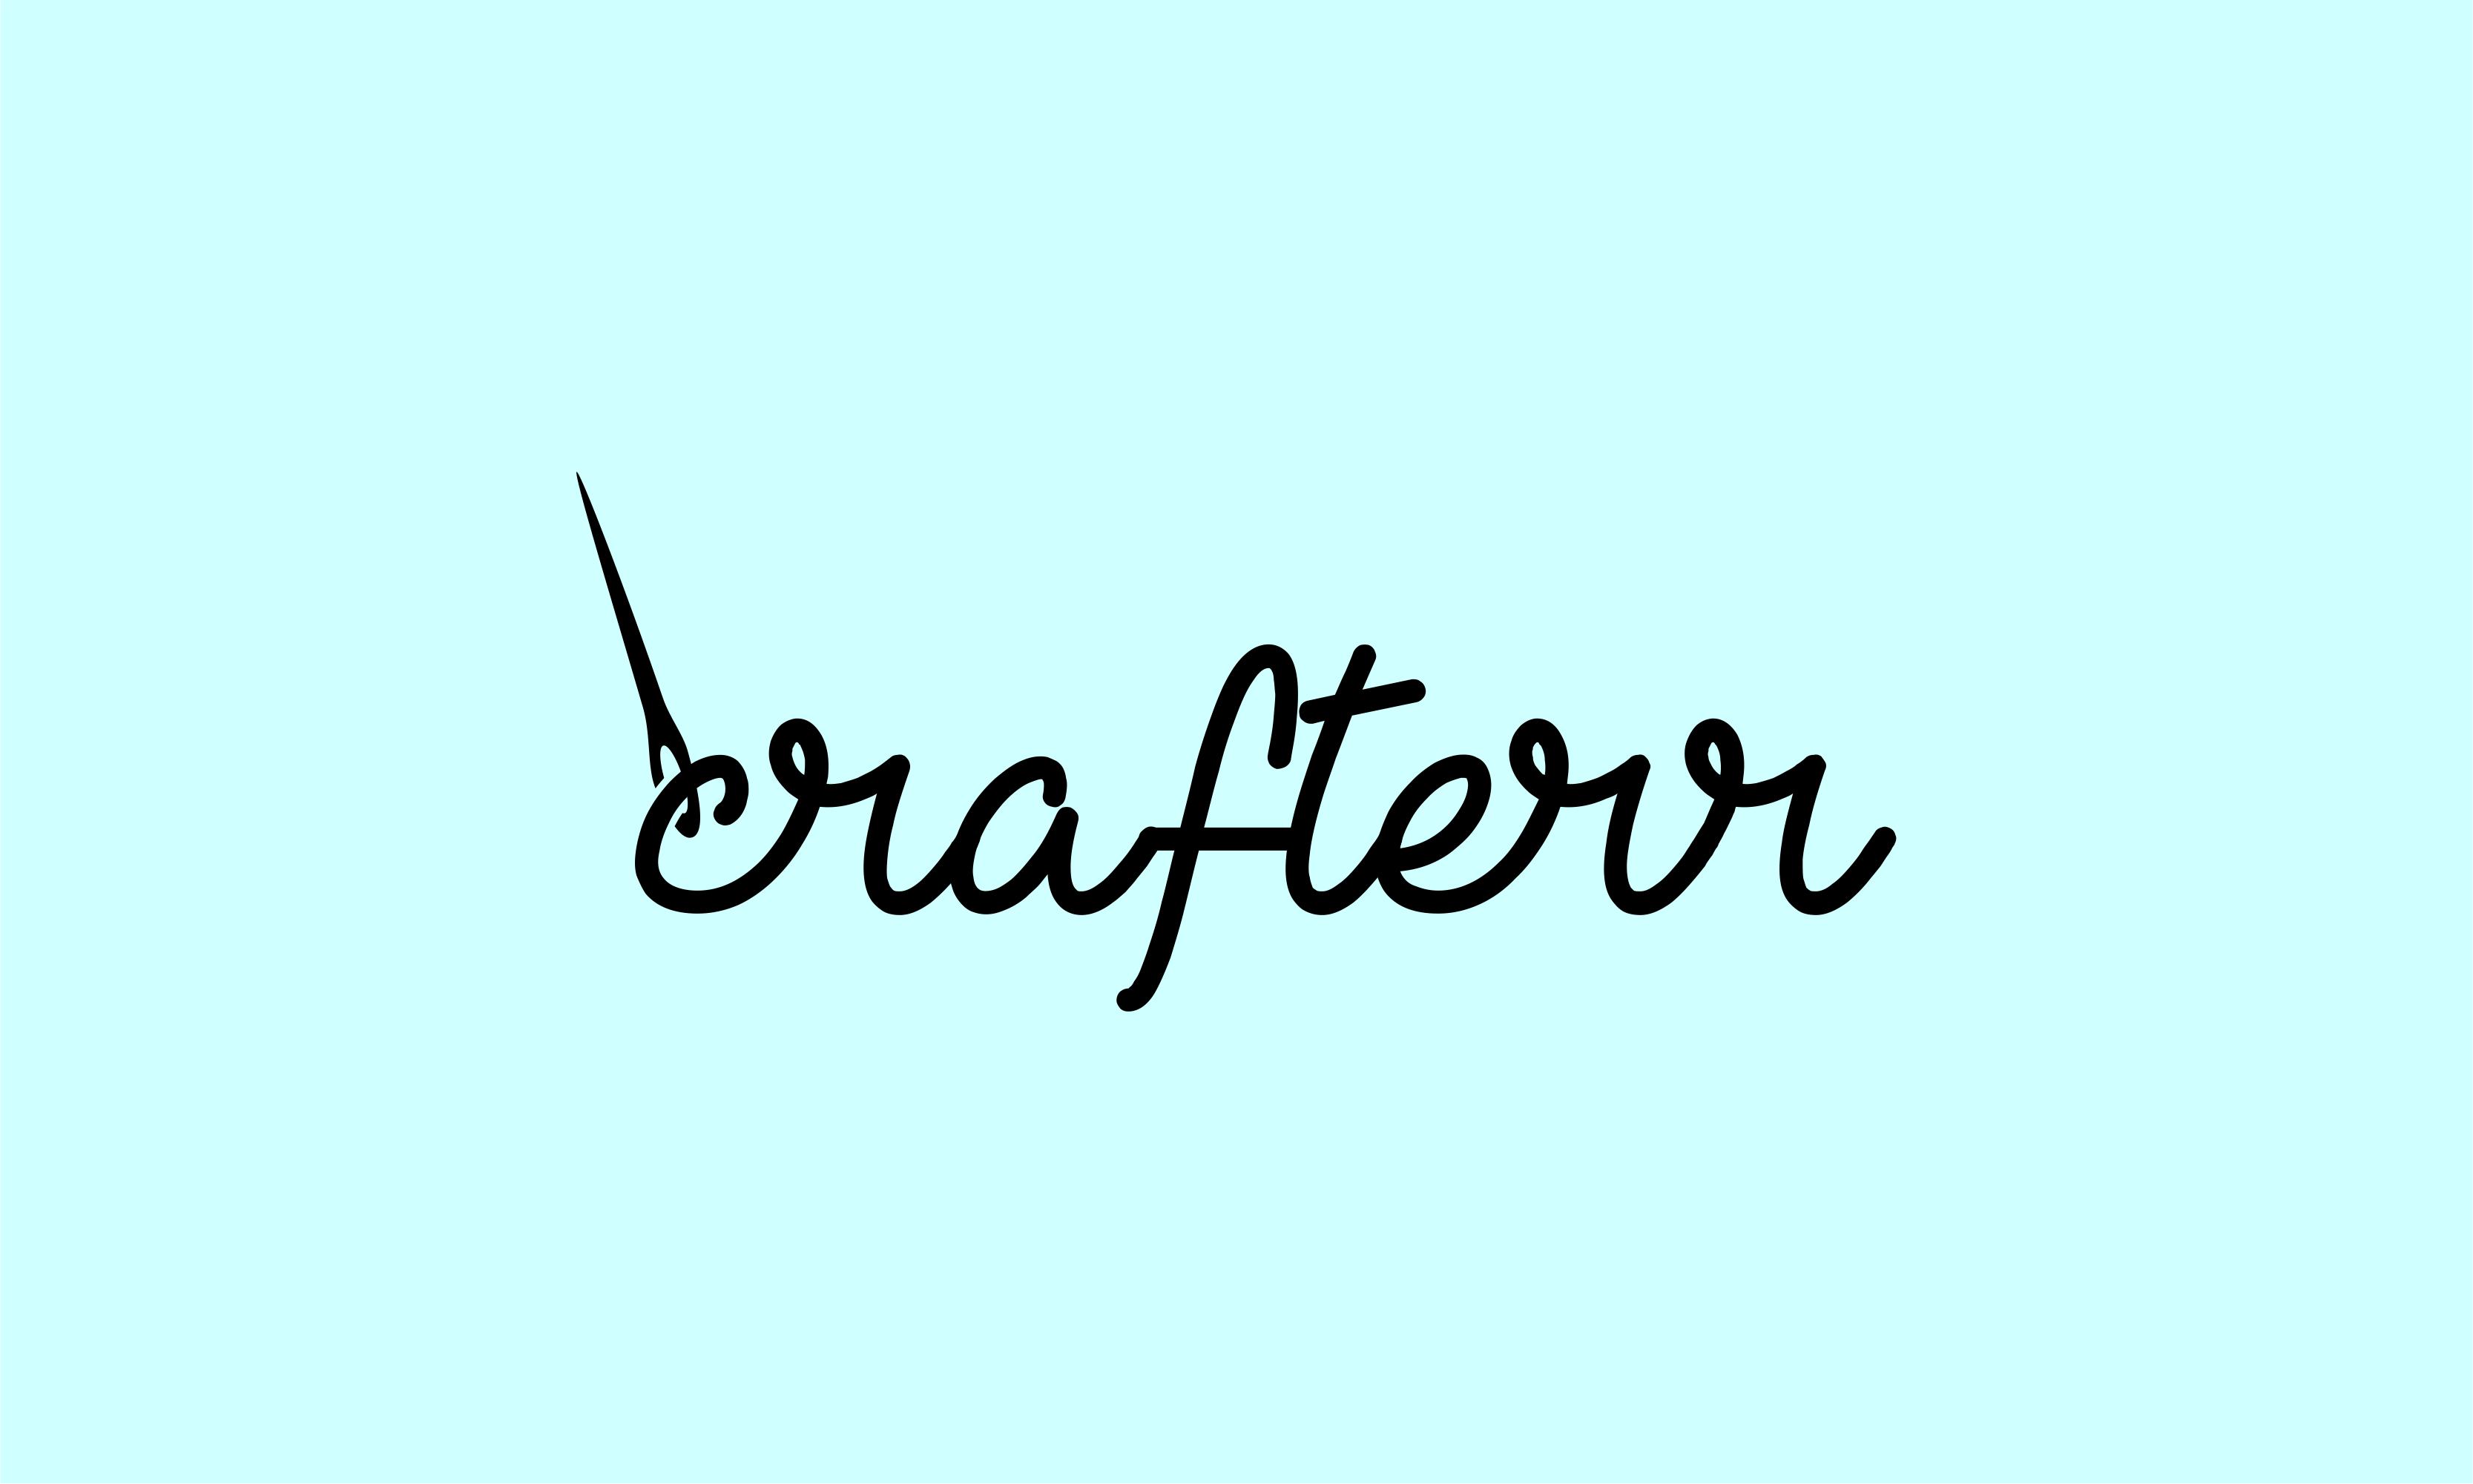 Crafterr